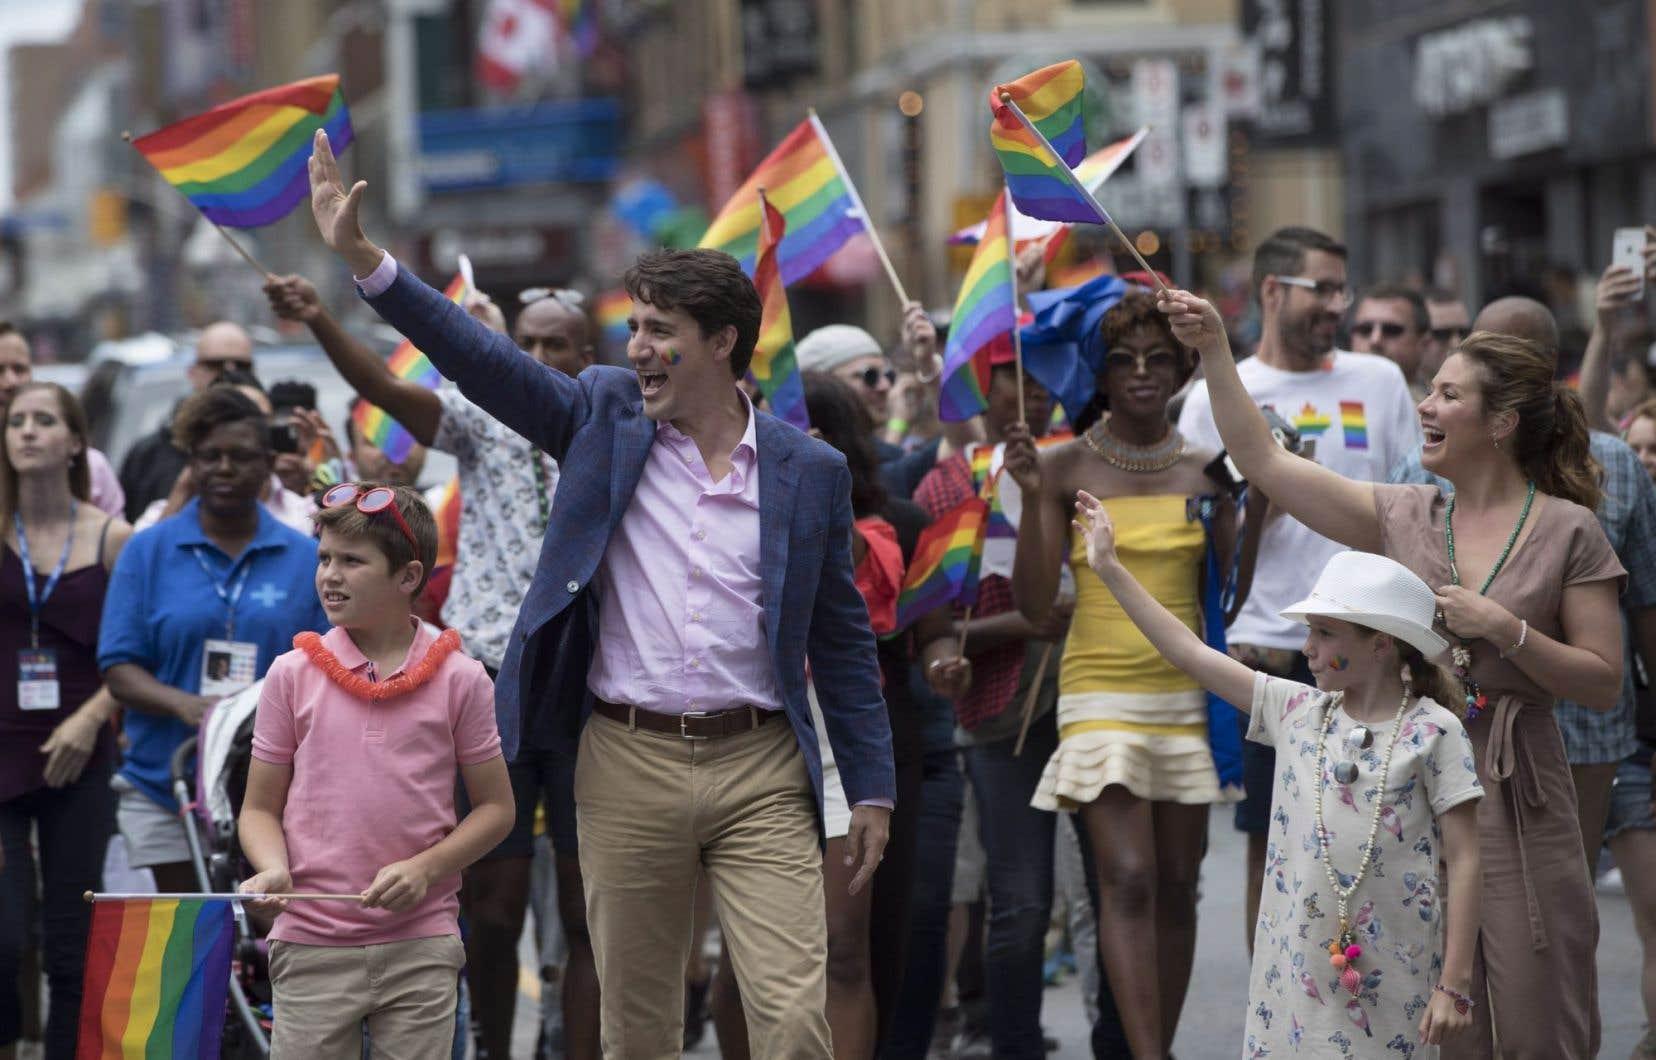 Le premier ministre Justin Trudeau, sa femme Sophie Grégoire Trudeau étaient parmi les dignitaires qui ont participé à la marche.